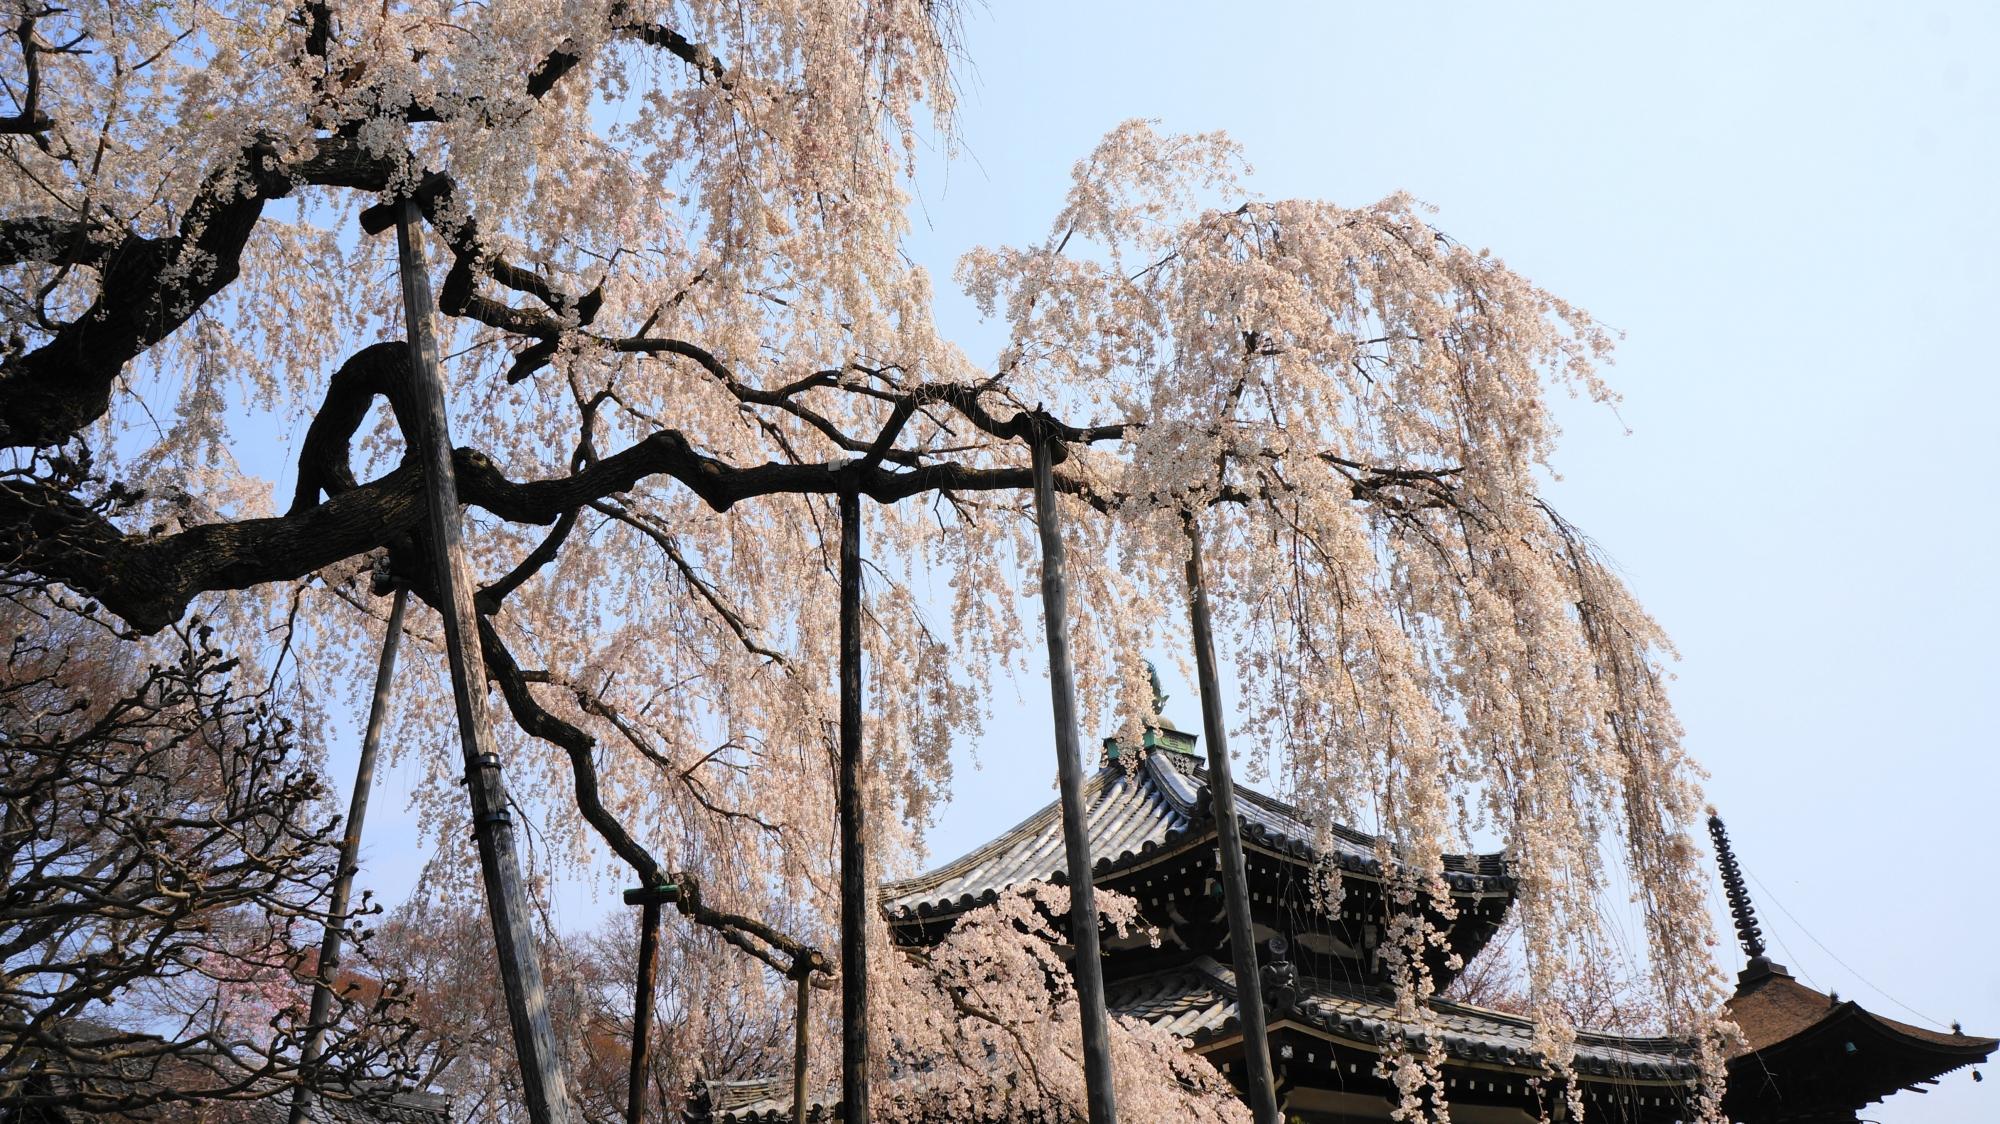 善峯寺の素晴らしい桜と春の彩り